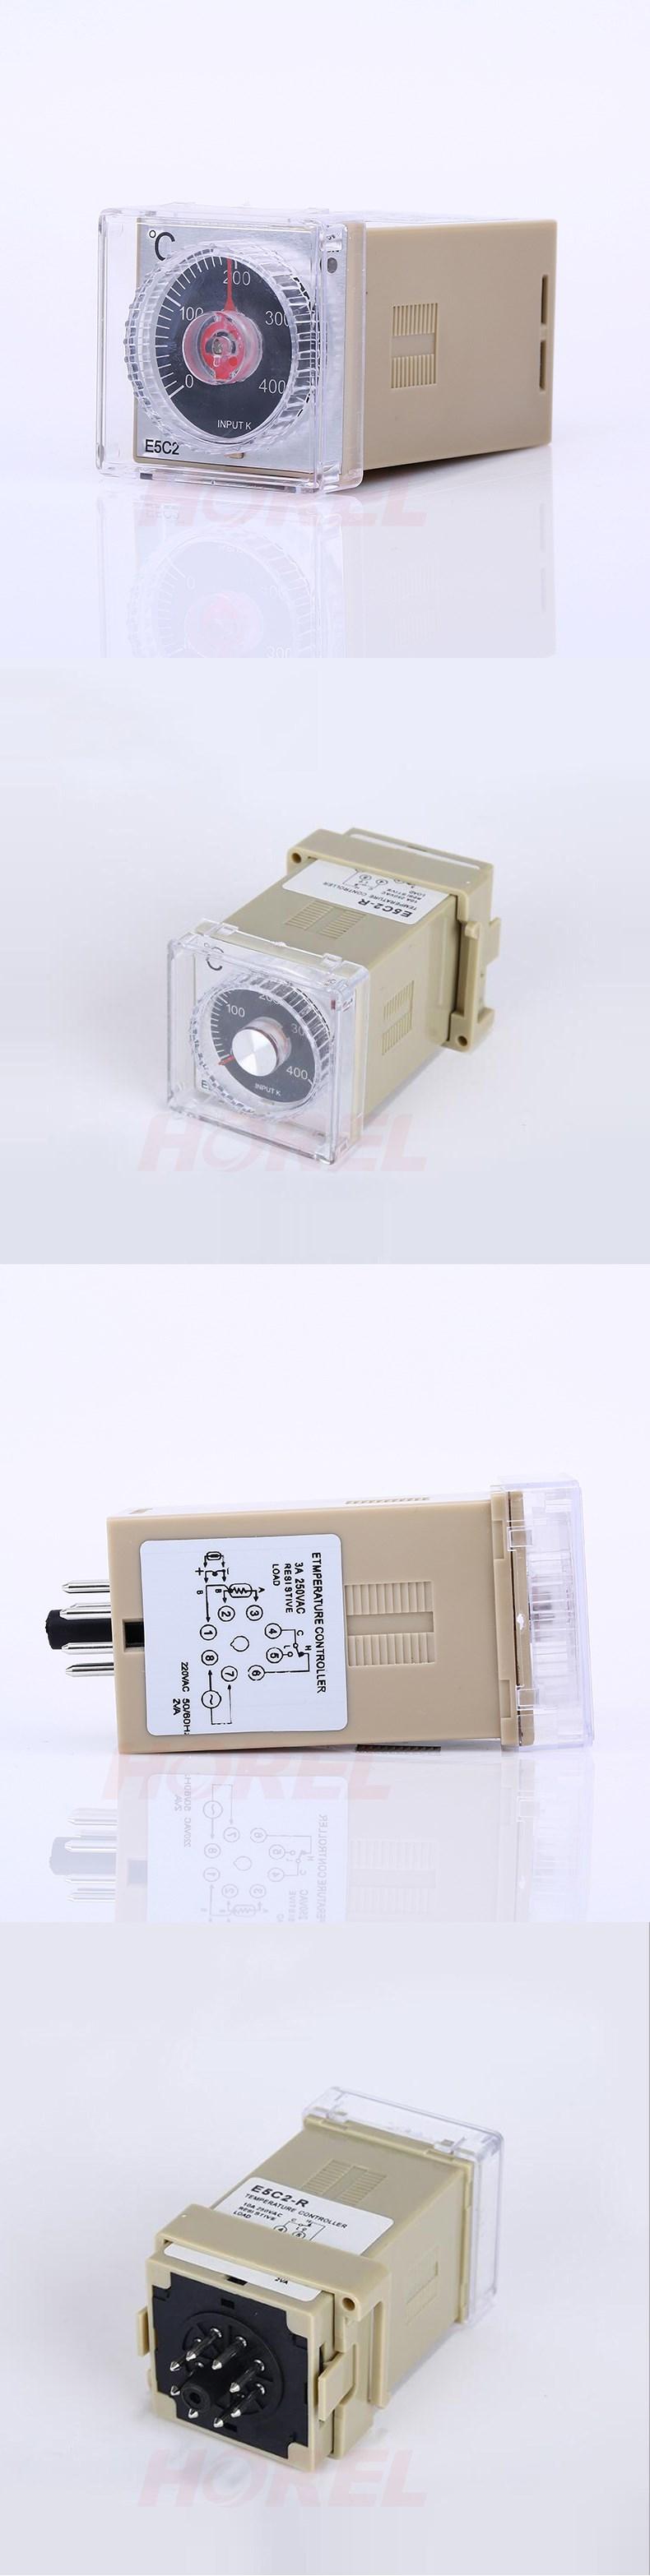 E5C2 Temperature controller 2.jpg